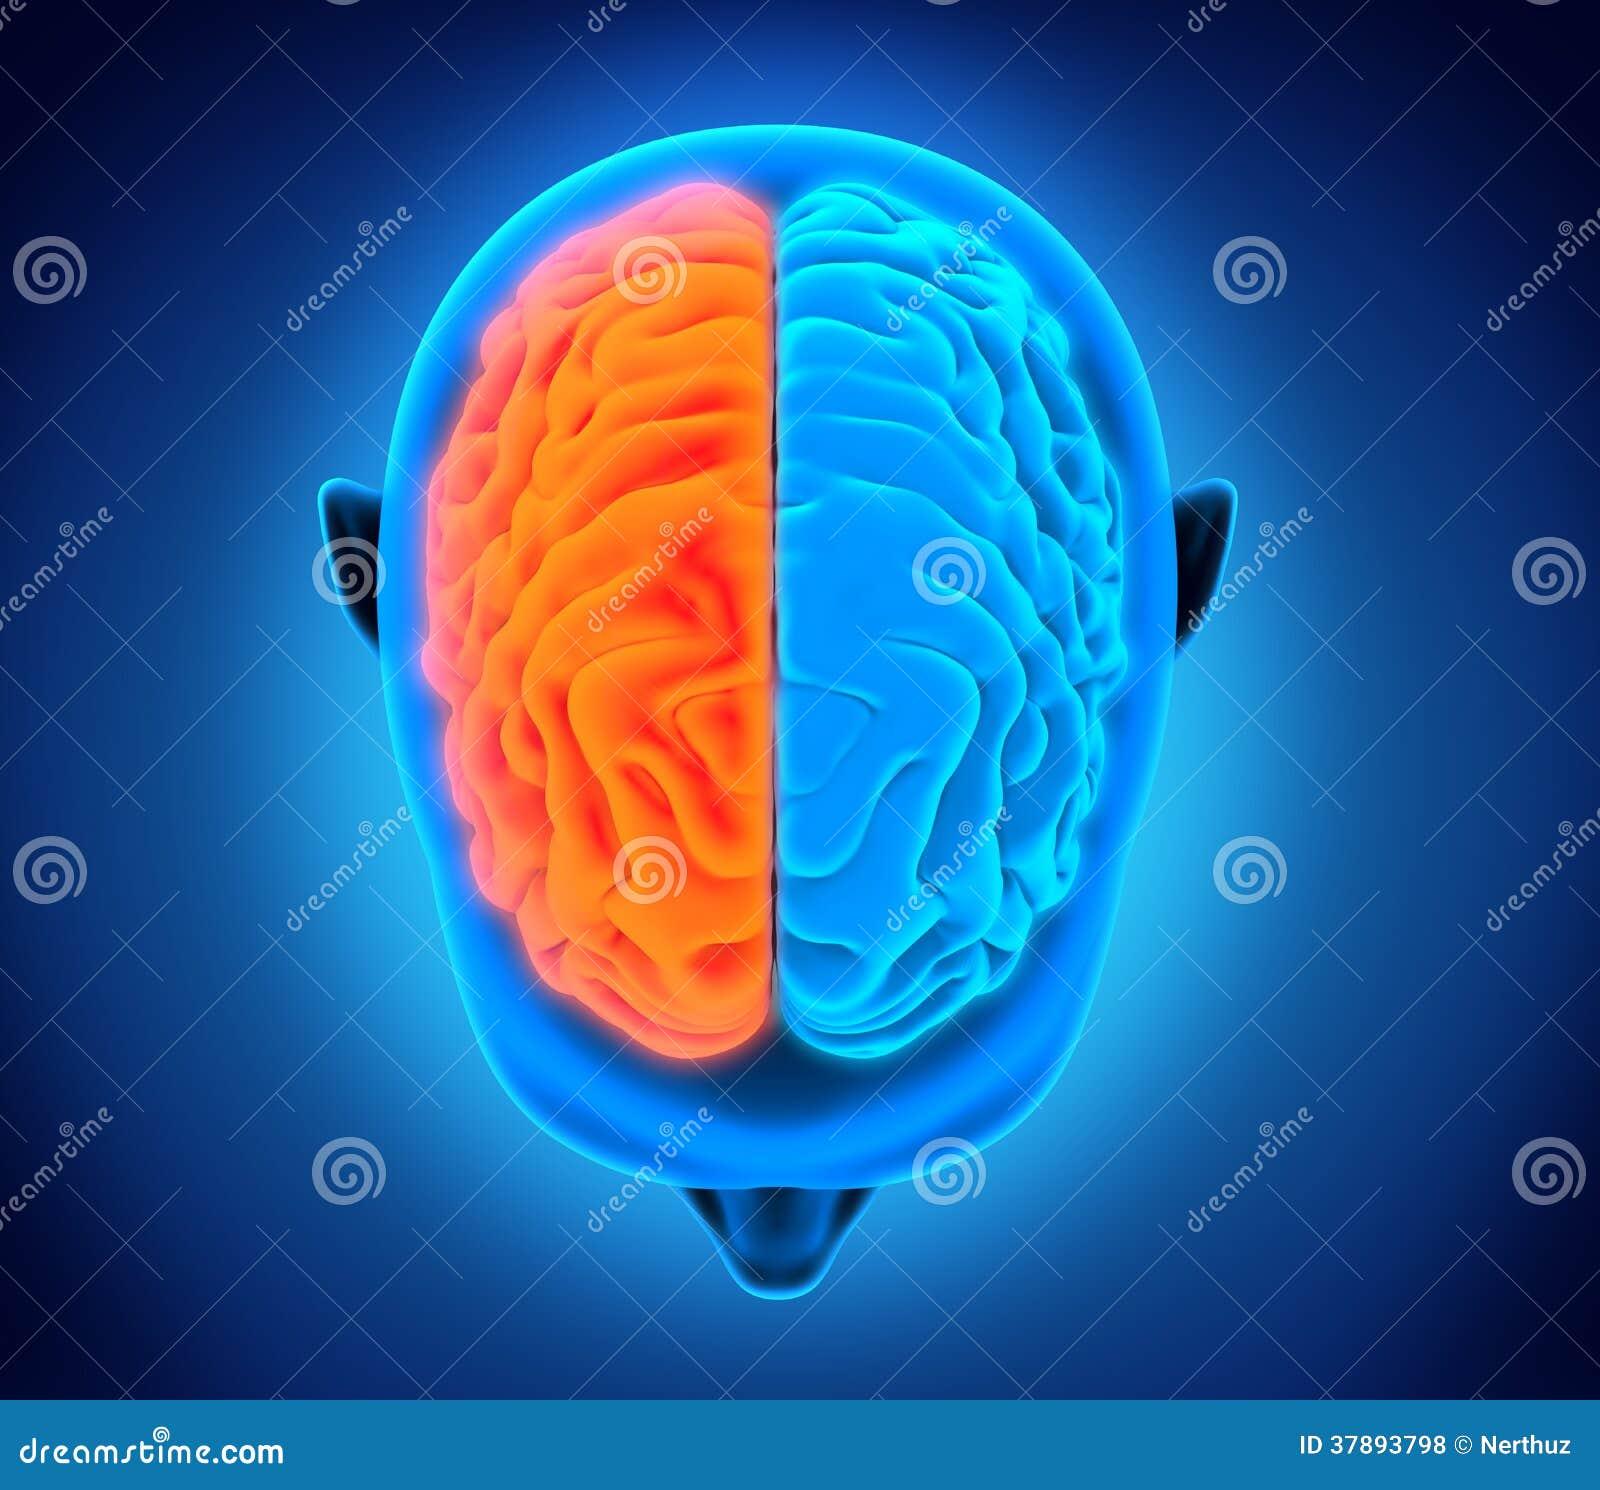 Αριστερός και δεξιός ανθρώπινος εγκέφαλος